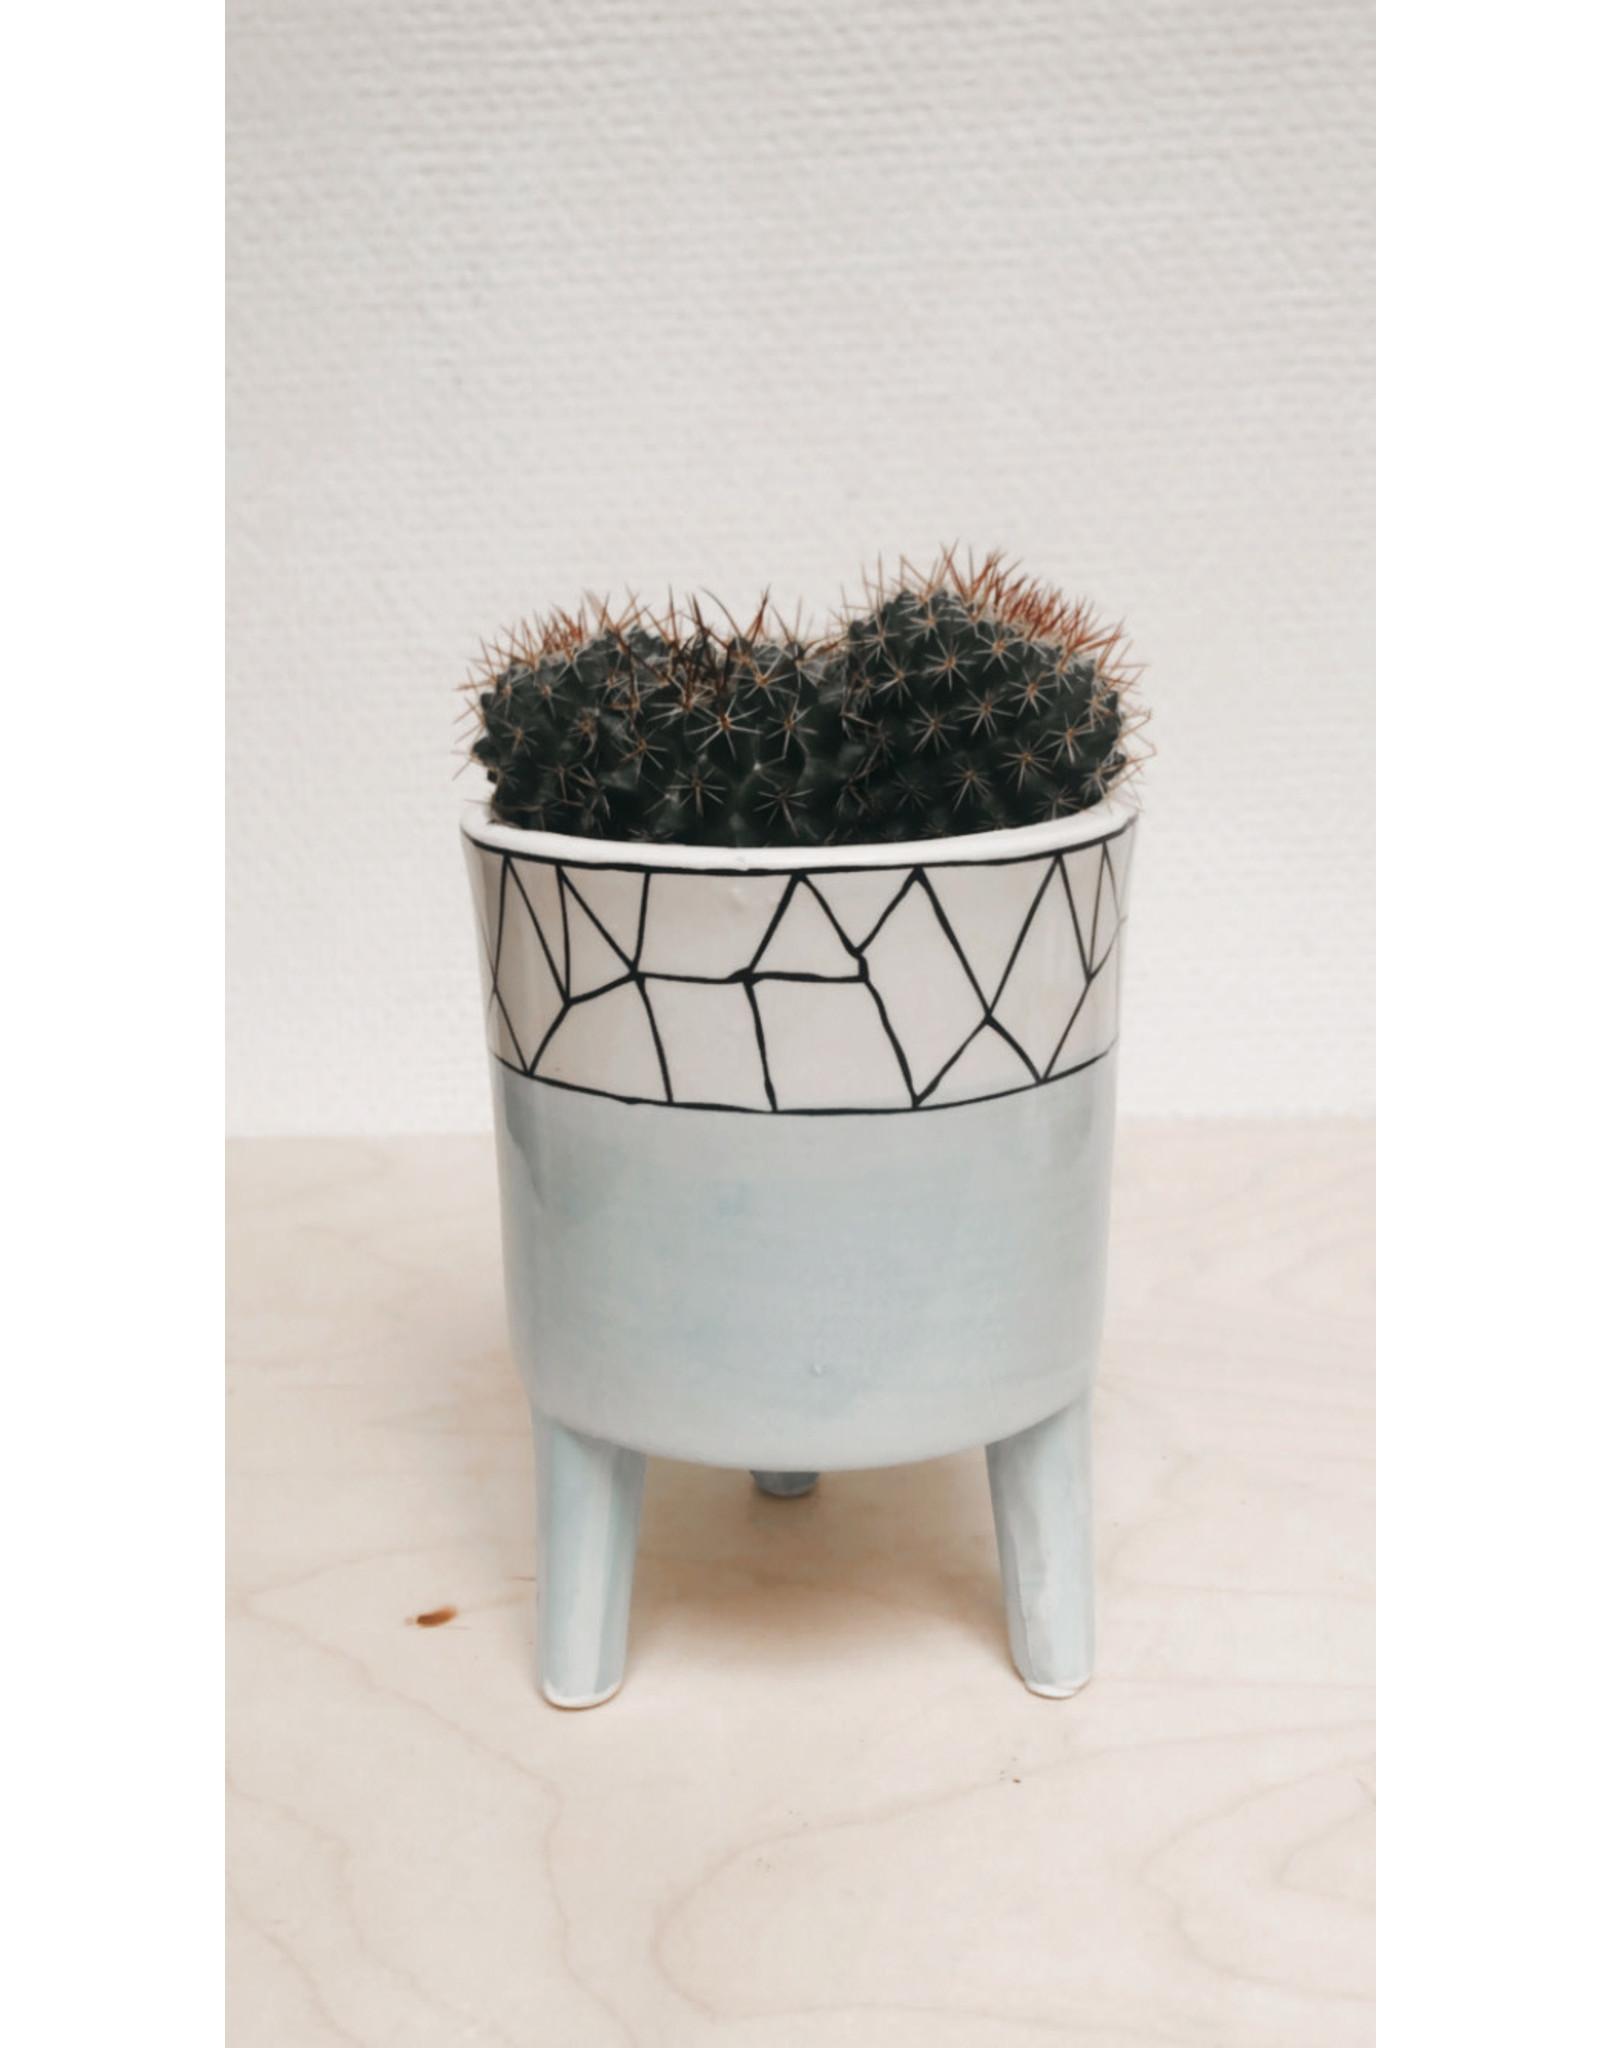 Plantophile Bloempot 3 pootjes - Blauw & Geometrische lijntjes - Ø 10 x H 13 cm